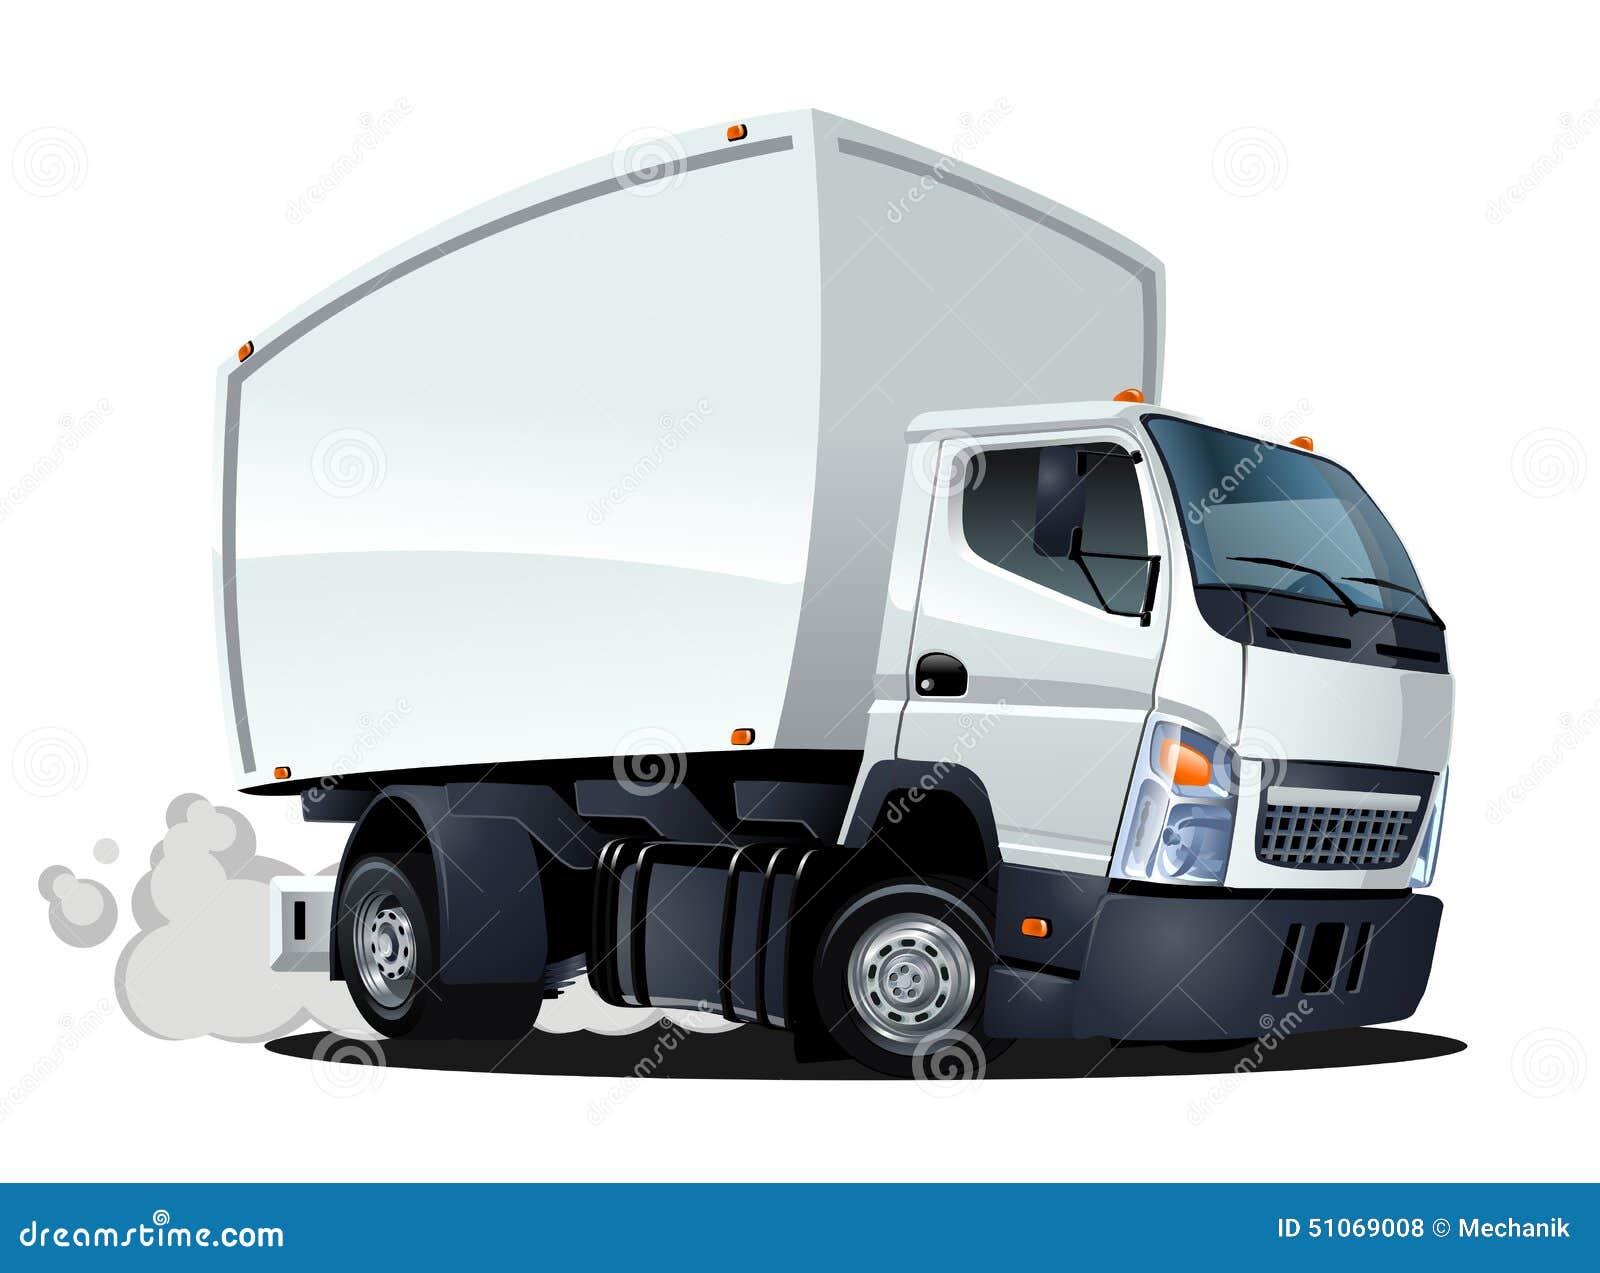 Dayz Epoch Vehicle Item Slots - raffaeleruberto.com